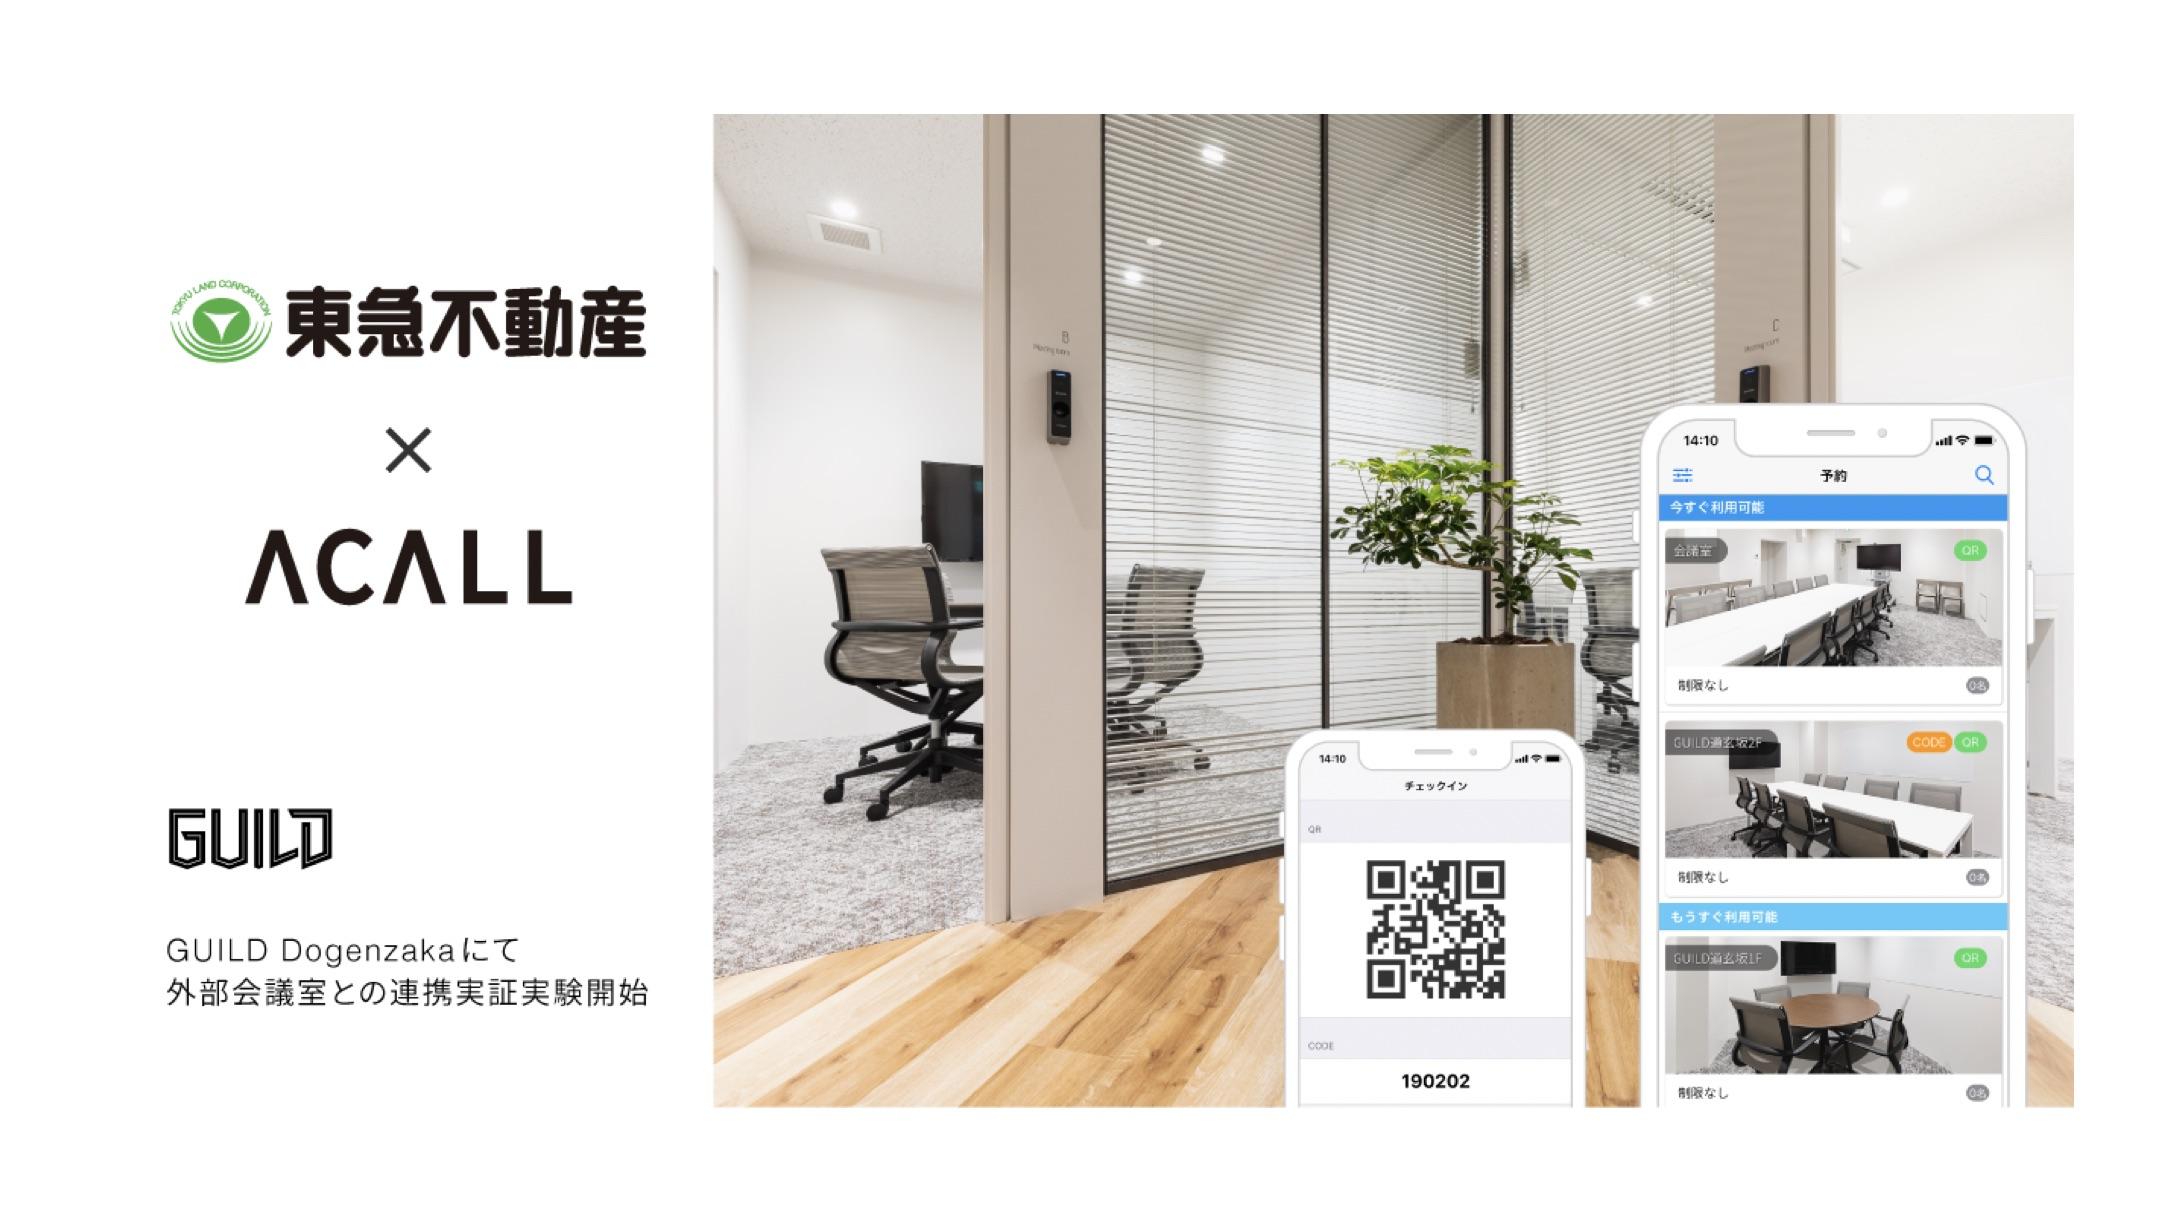 東急不動産×ACALL|遊休時間の活用に向けた実証実験を渋谷のオフィスで開始